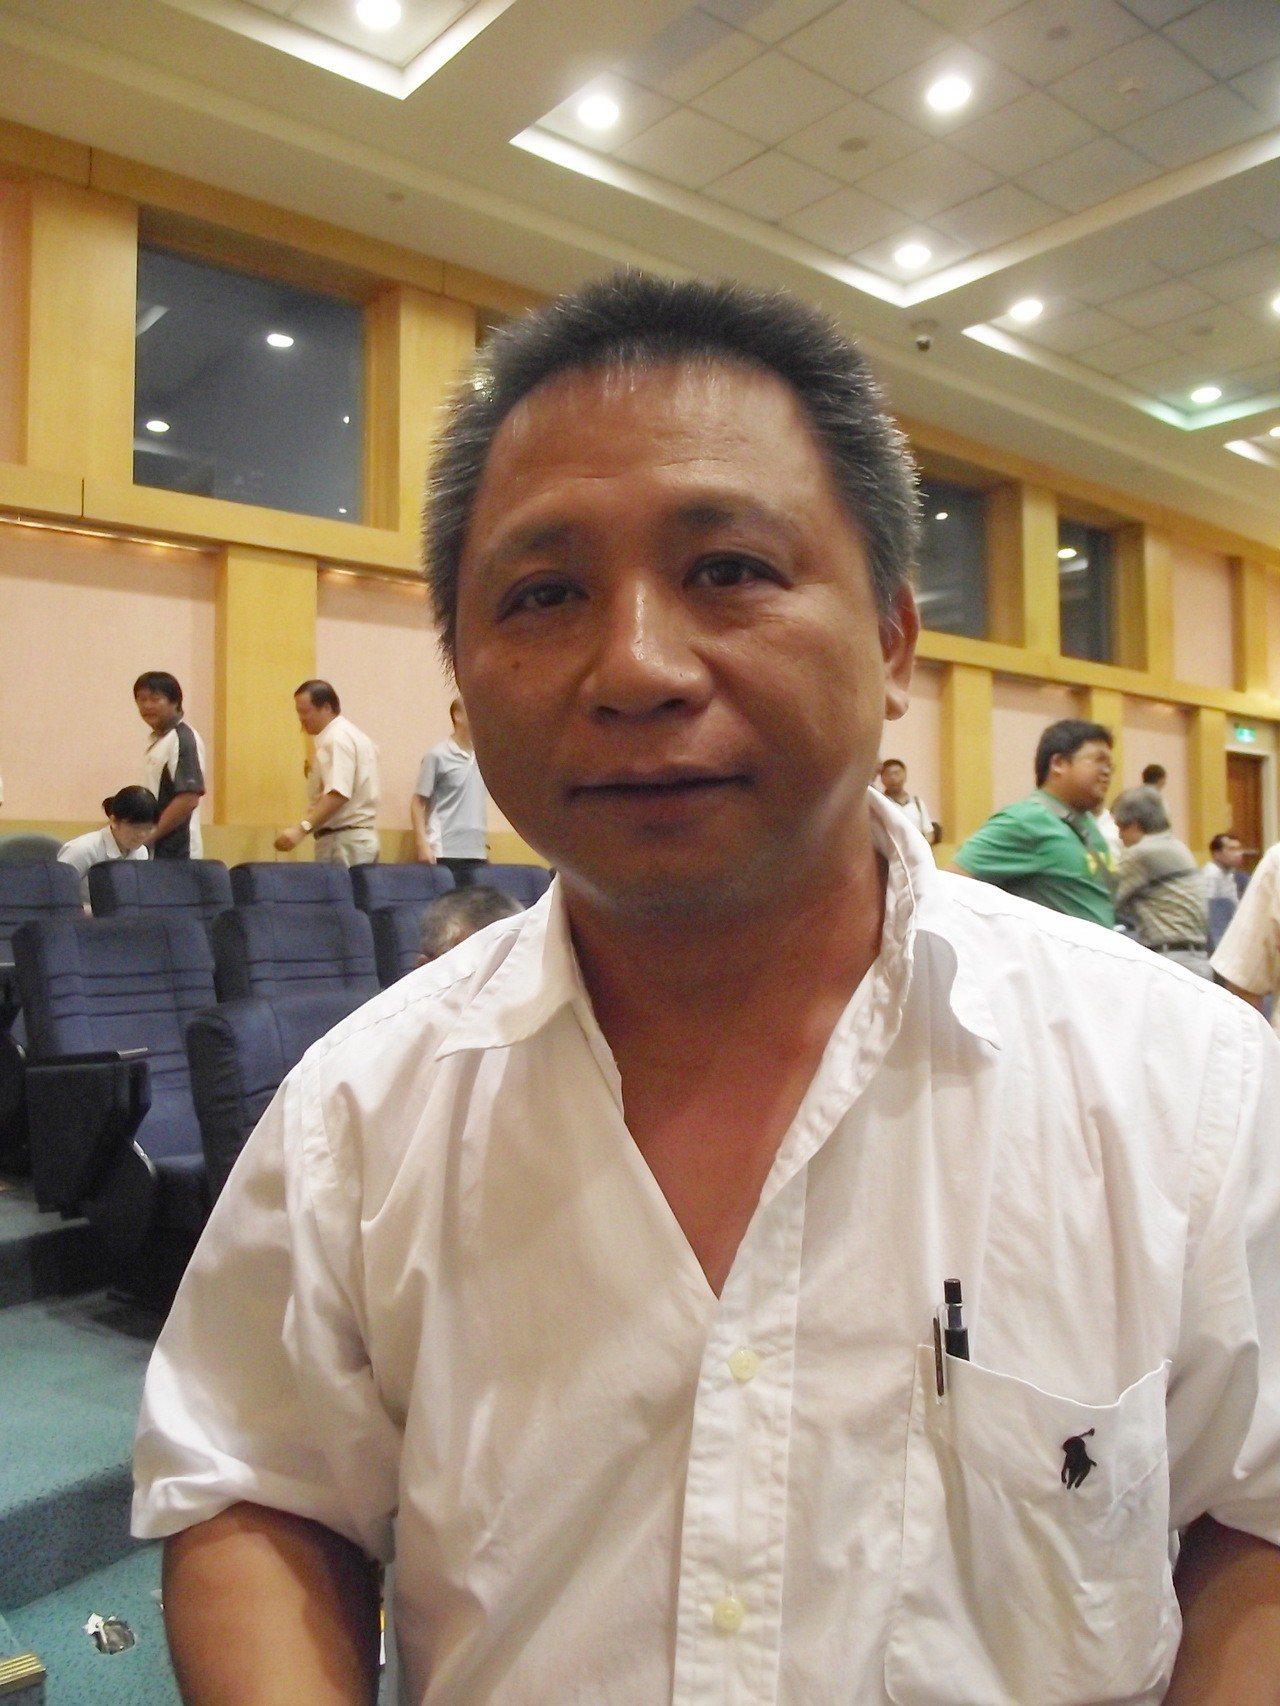 台東南迴體操教父董恆毅訓練時重摔 不幸過世